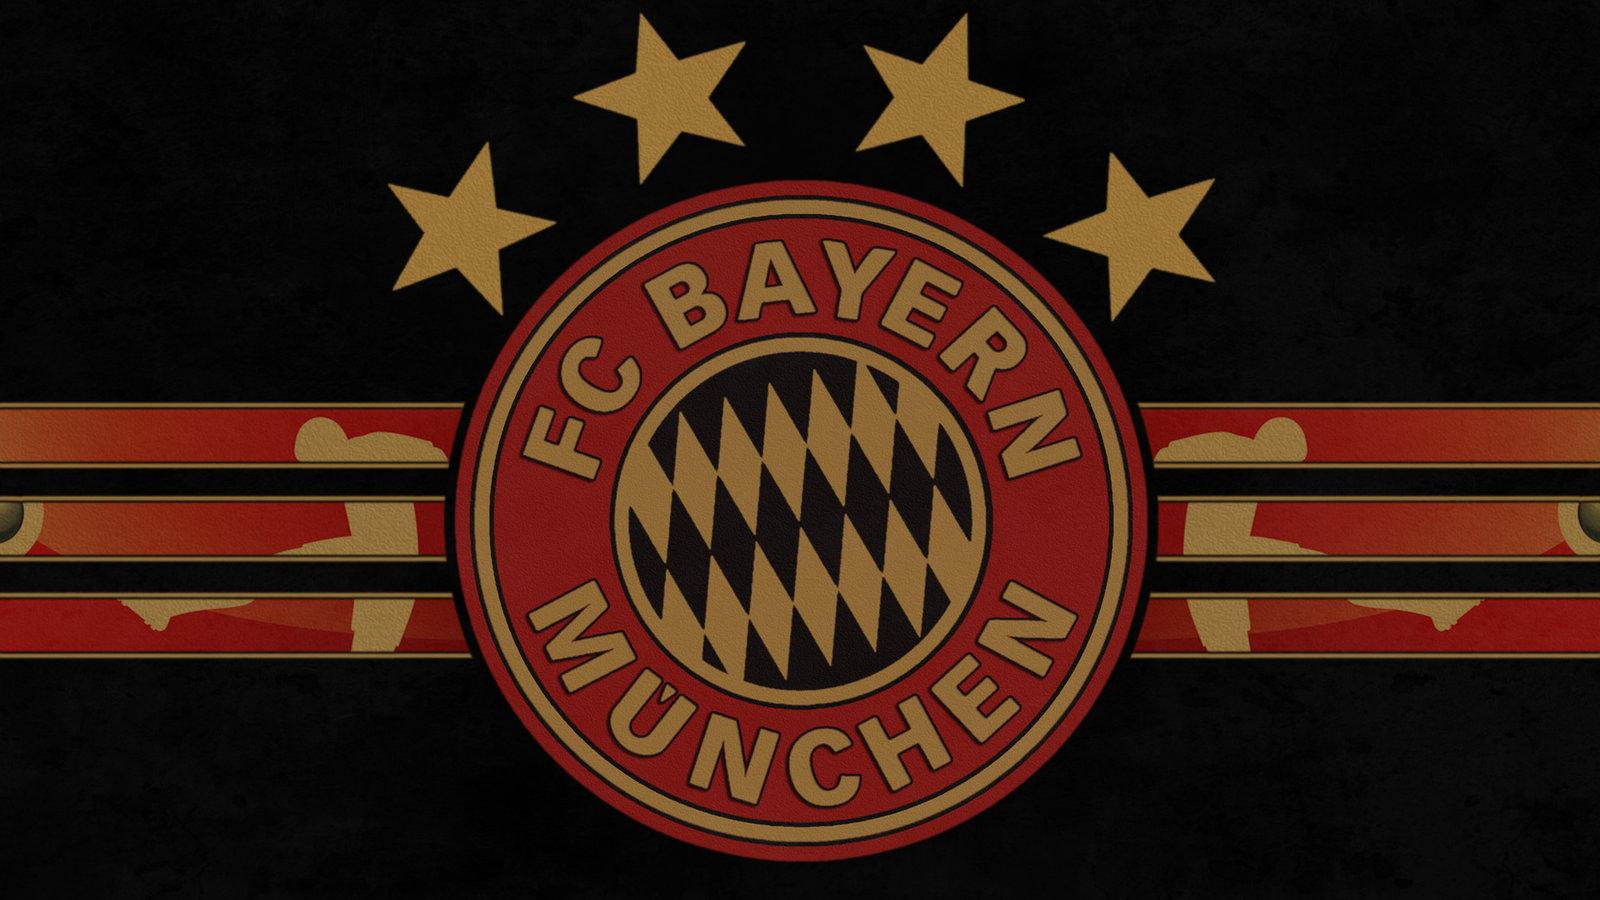 Bayern Munich Logo With 5 Stars Bayern Munich Logo With 5